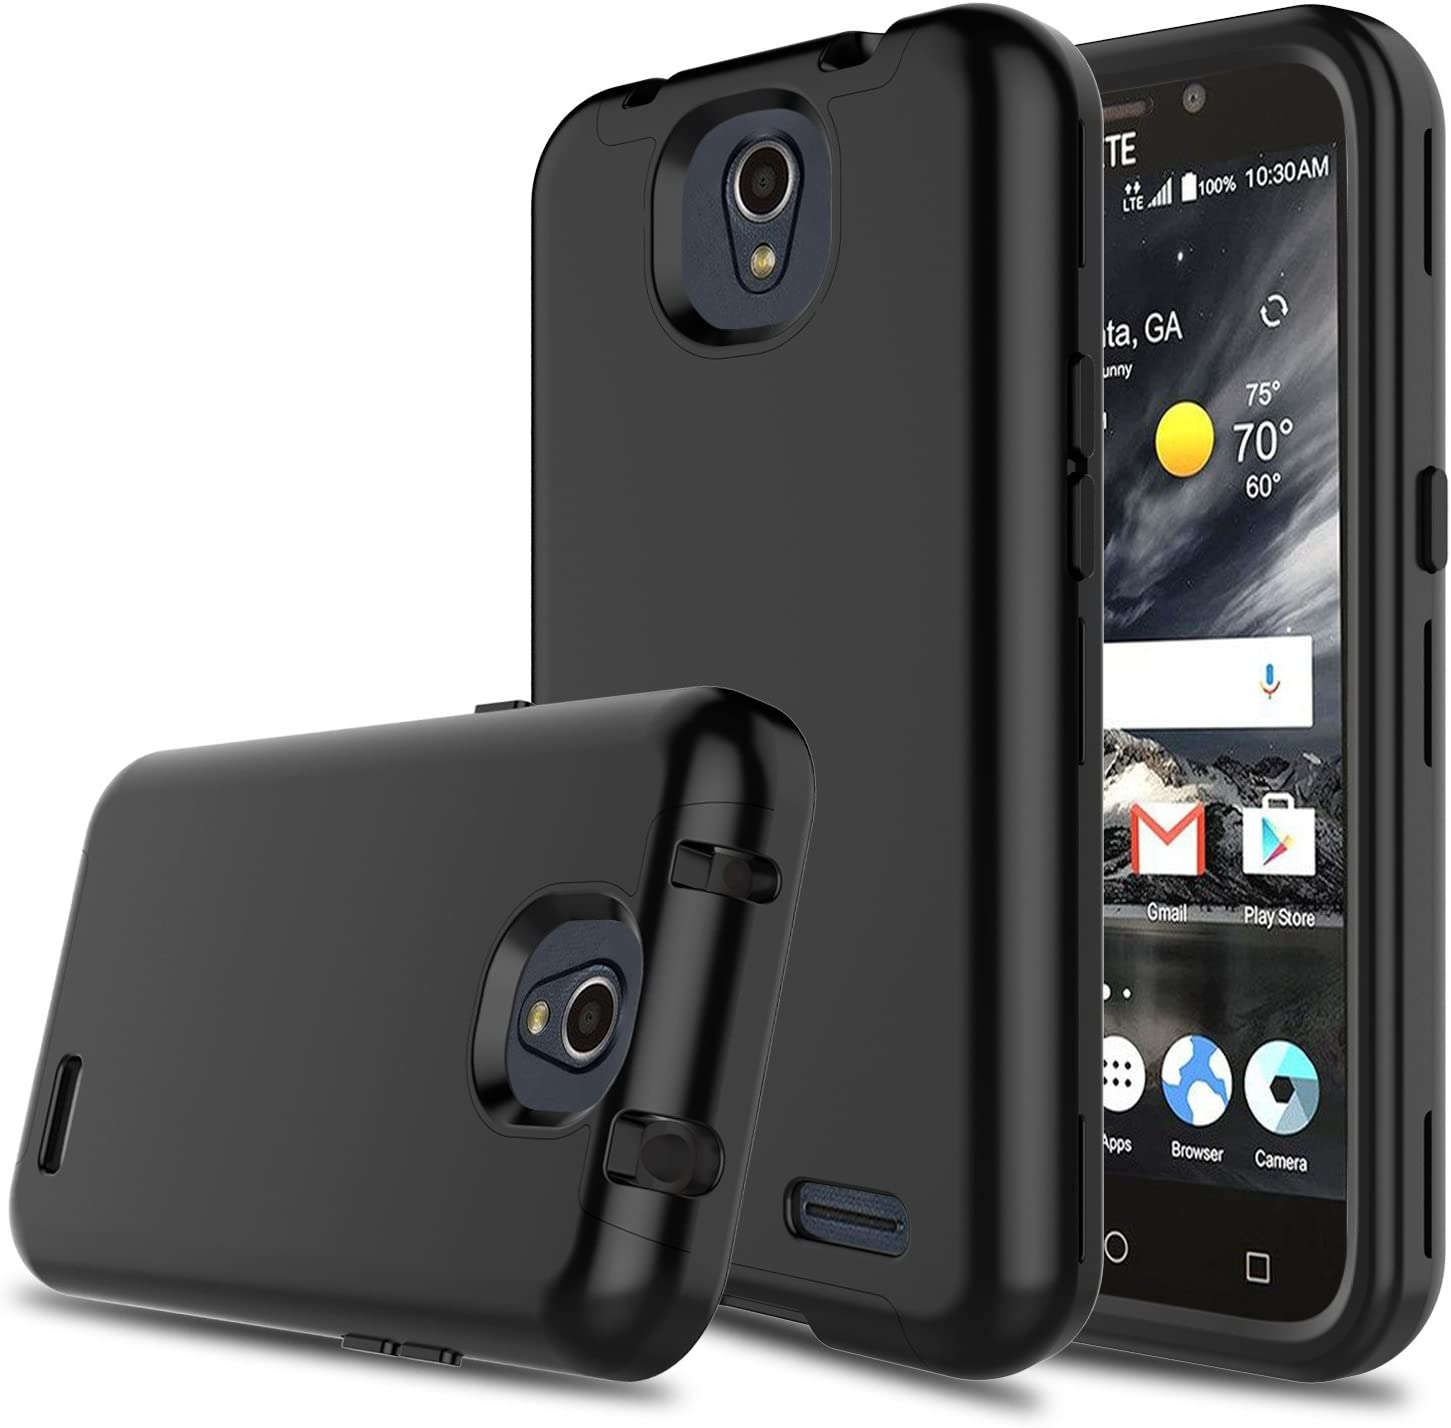 Innens Compatible with ZTE Maven 3 Case, ZTE Z835 Case, ZTE Prestige 2 Case, 3-in-1 [TPU + Dual Layer PC] Shockproof Rugged Protective Case Compatible with ZTE Overture 3/Prelude Plus (Black)